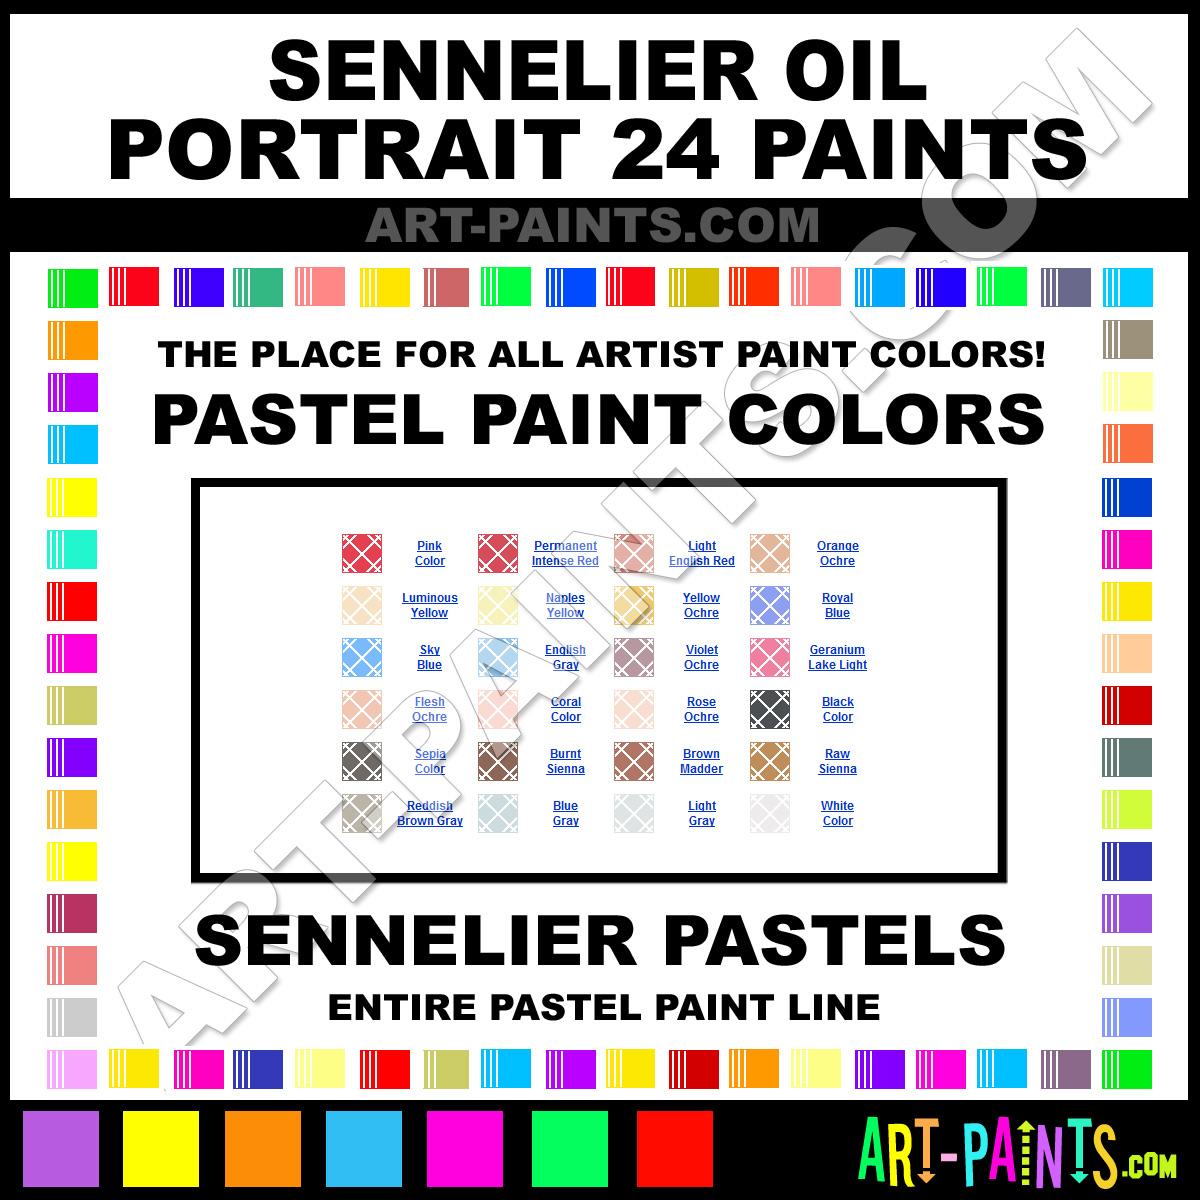 Sennelier Oil Portrait 24 Pastel Paint Colors Sennelier Oil